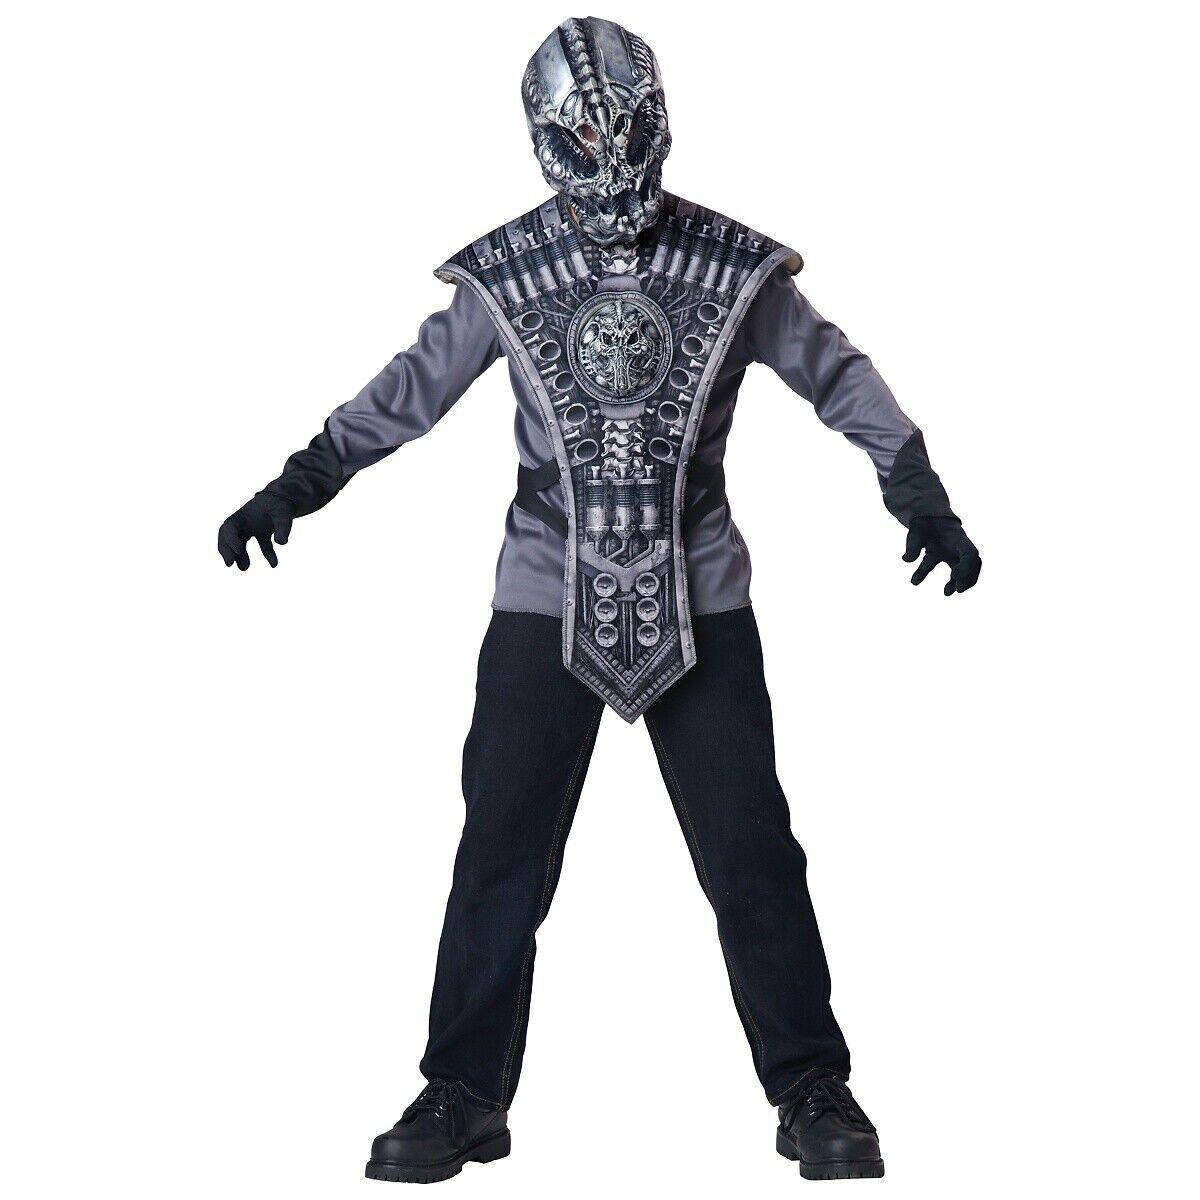 Alien Costume Kids Scary Halloween Fancy Dress